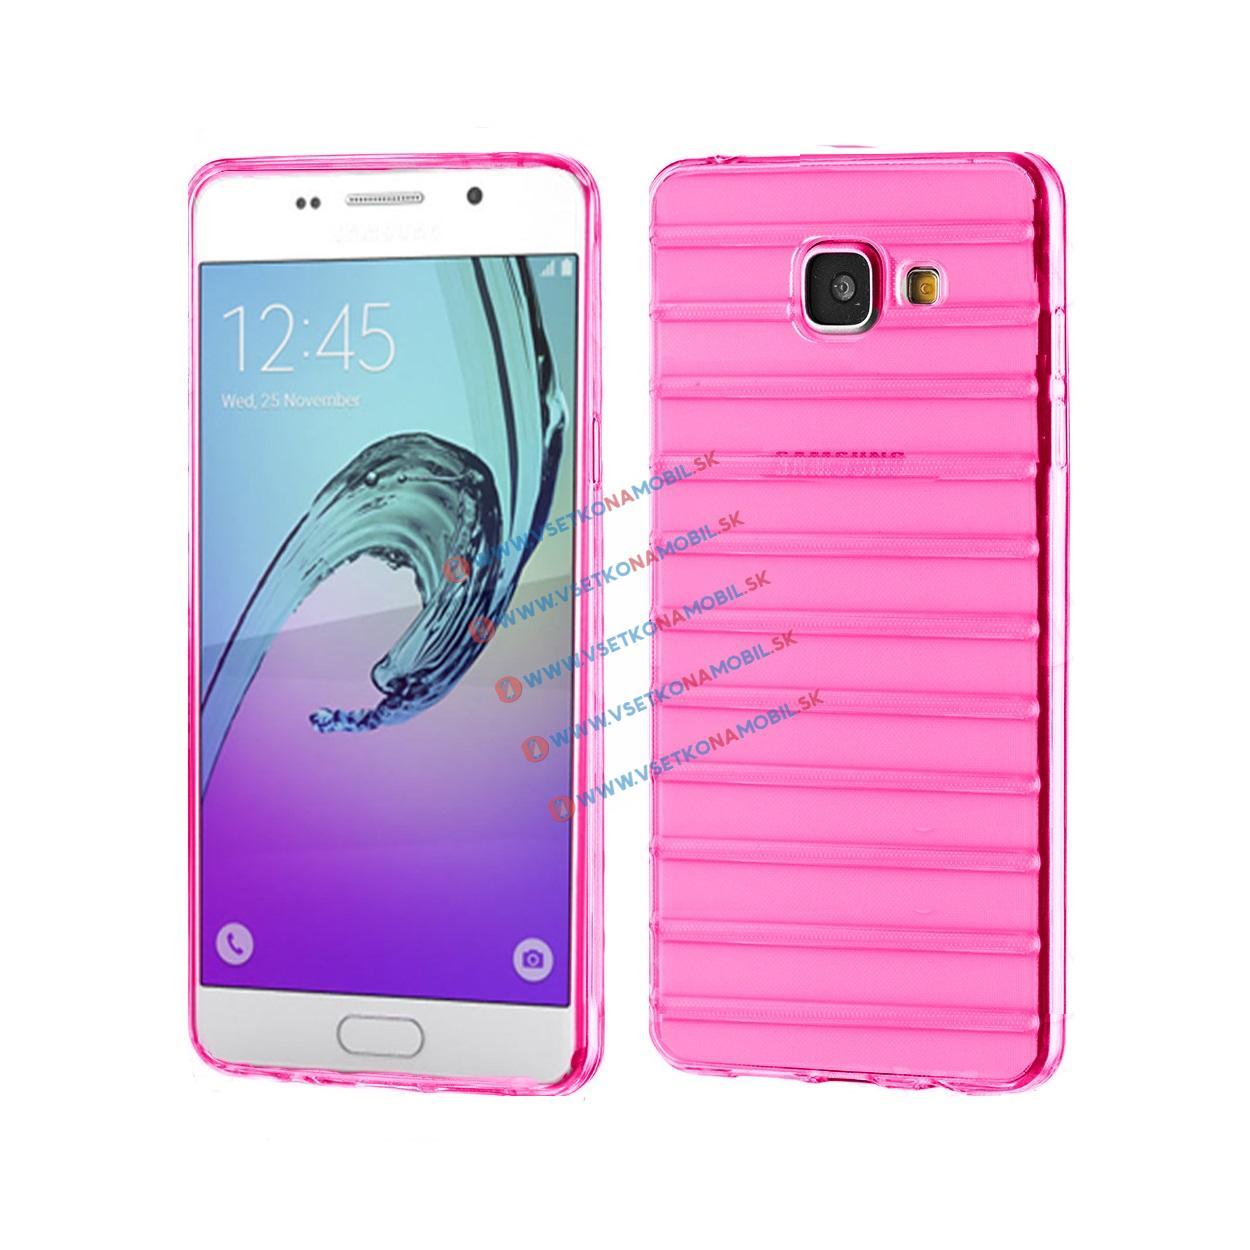 FORCELL Silikónový obal Samsung Galaxy A5 2016 ružový STRIPES